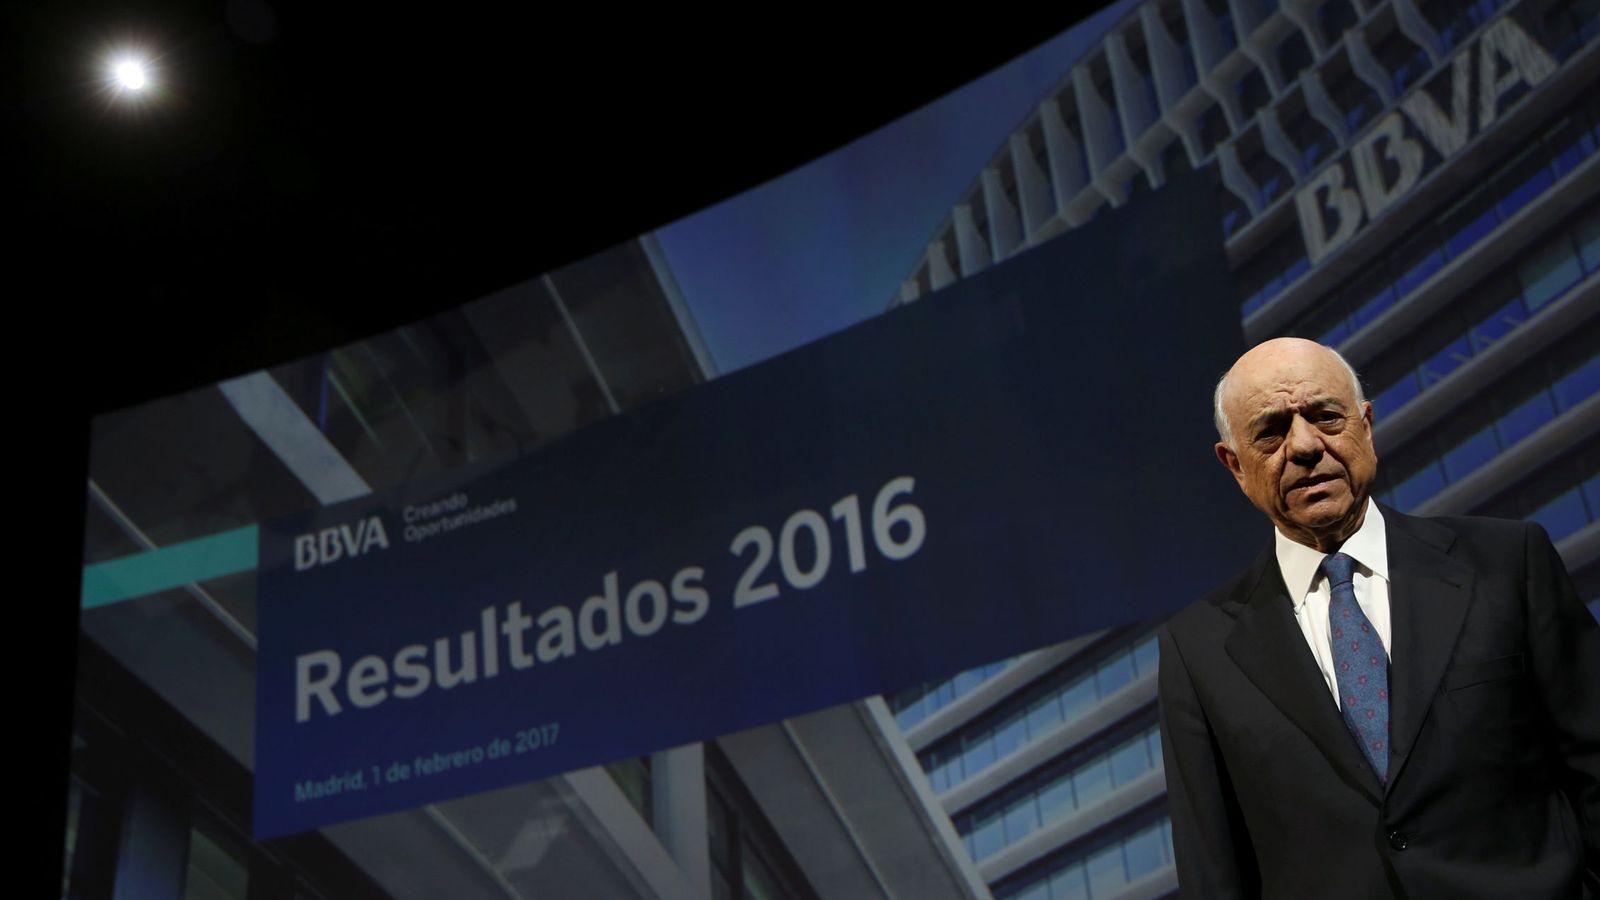 Foto: Francisco González, presidente de BBVA, en la presentación de los resultados de 2016. (Reuters)